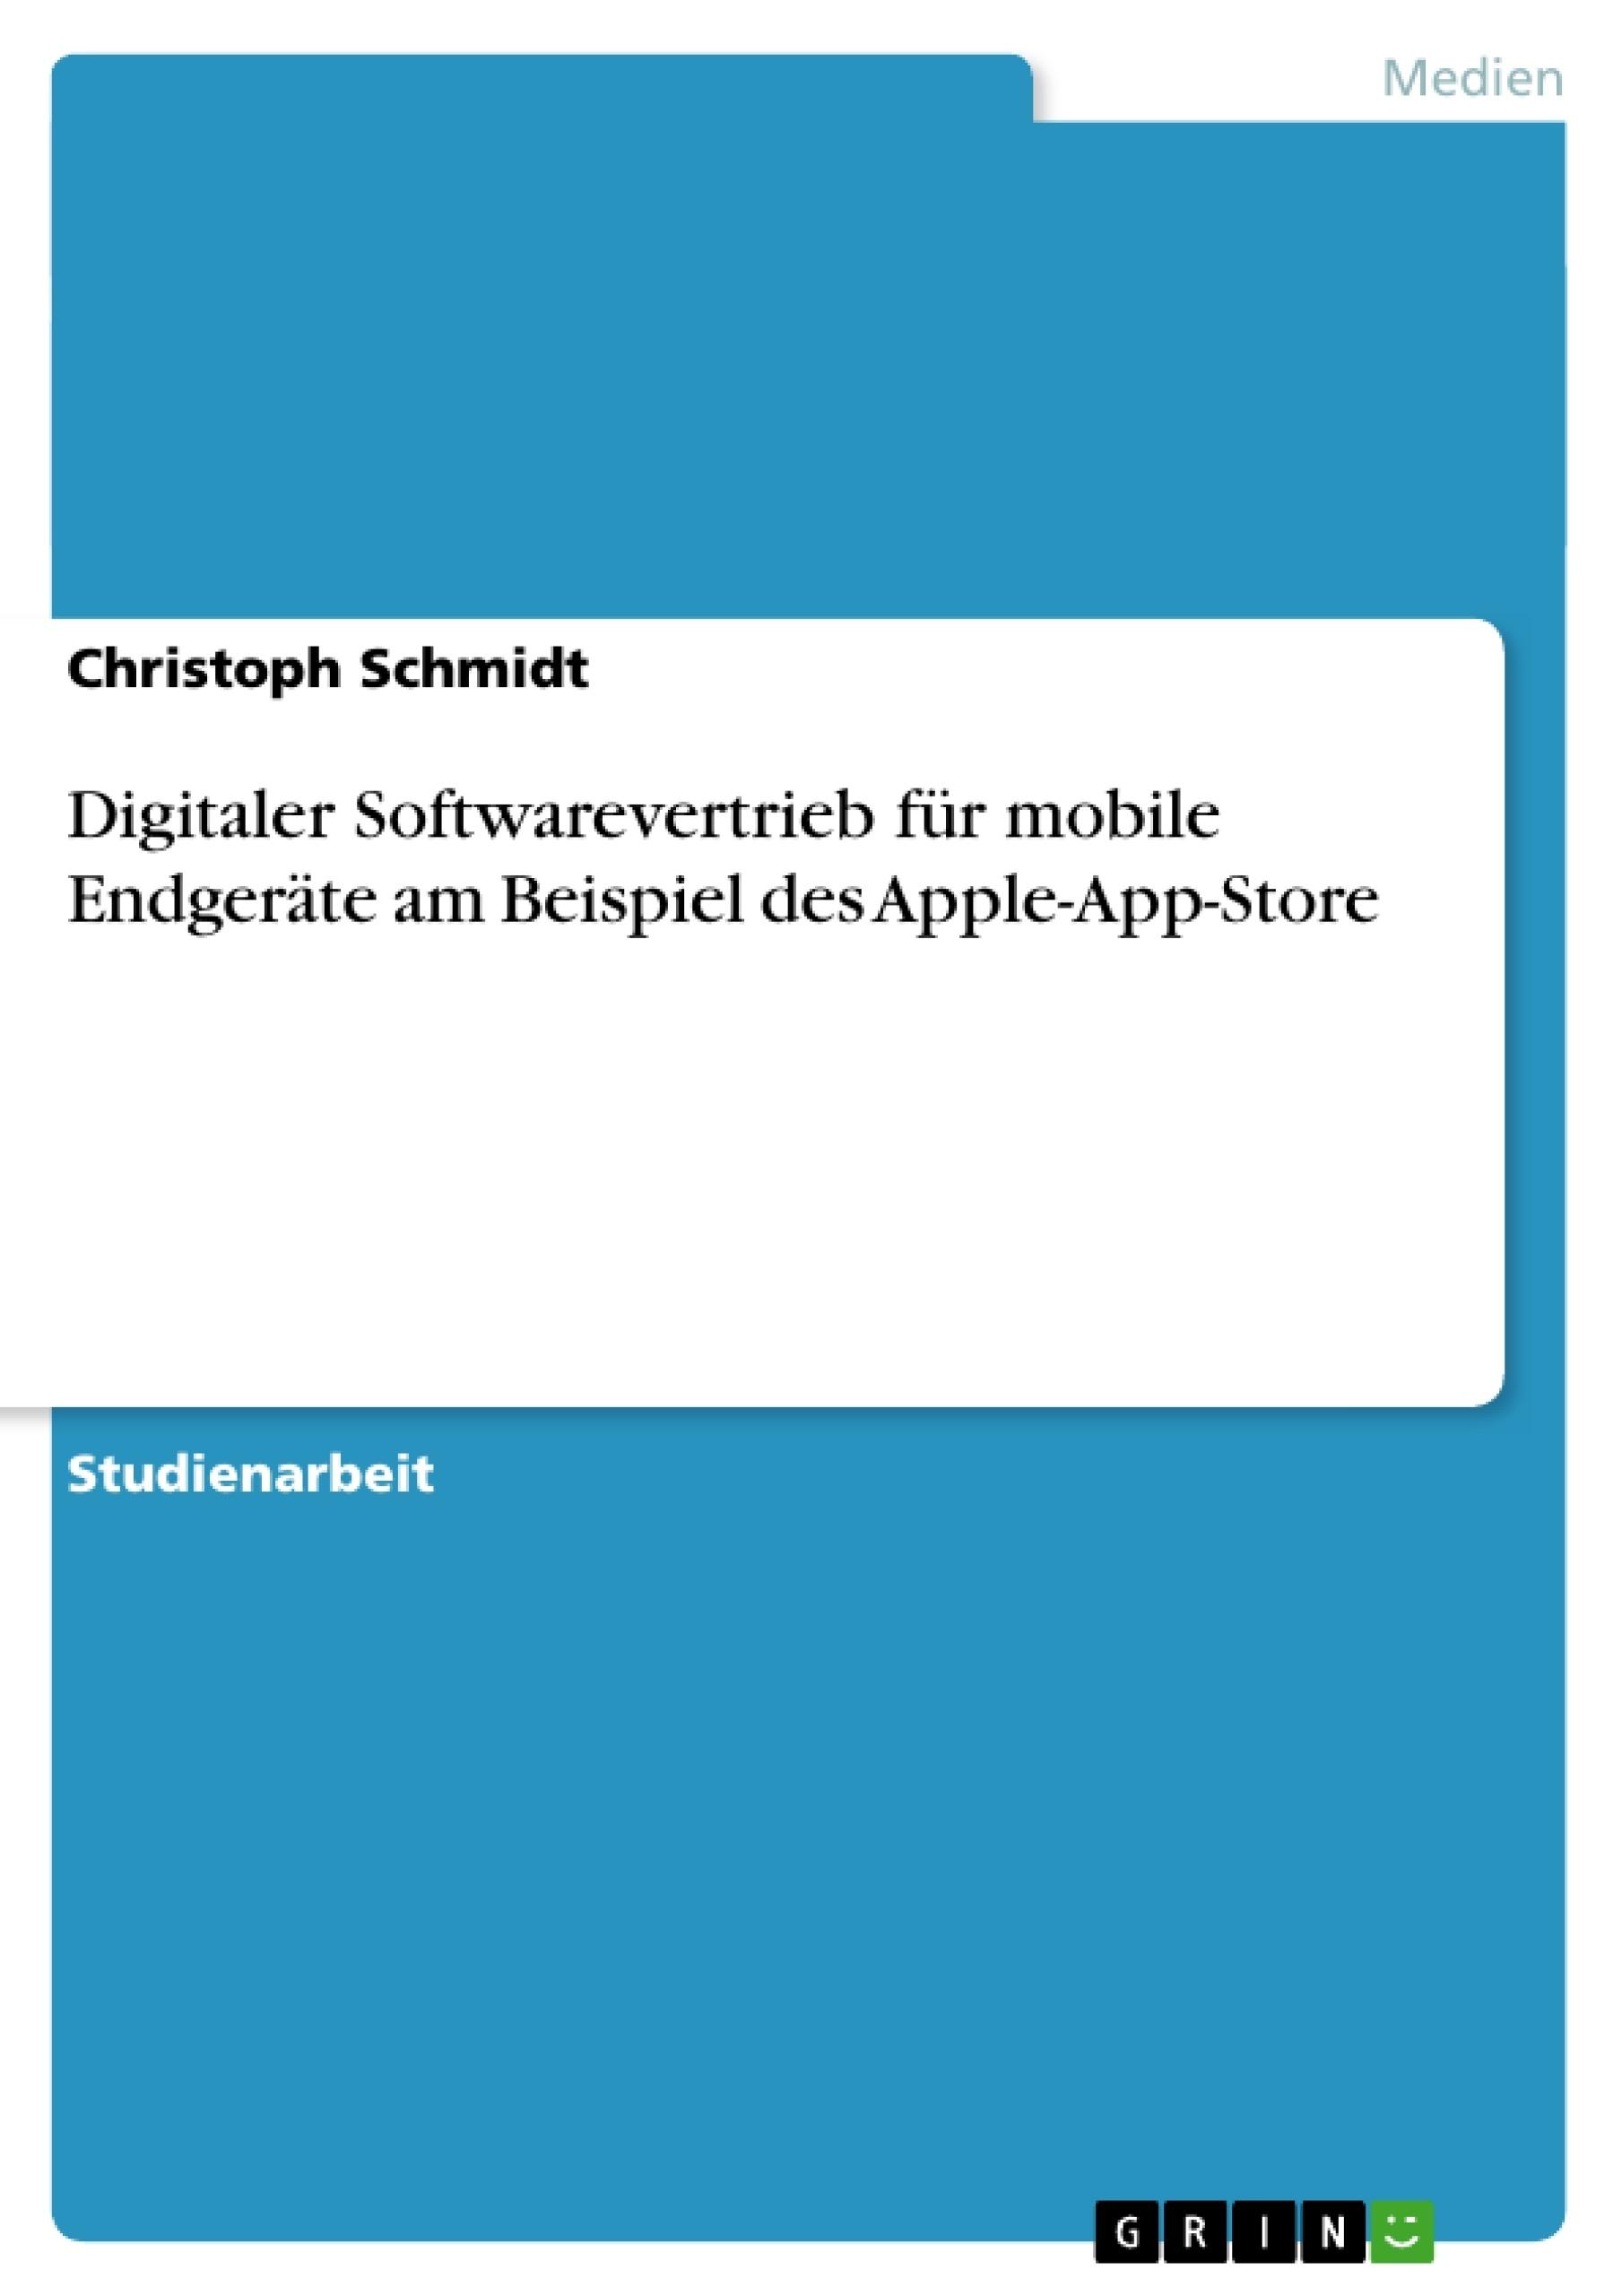 Titel: Digitaler Softwarevertrieb für mobile Endgeräte am Beispiel des Apple-App-Store